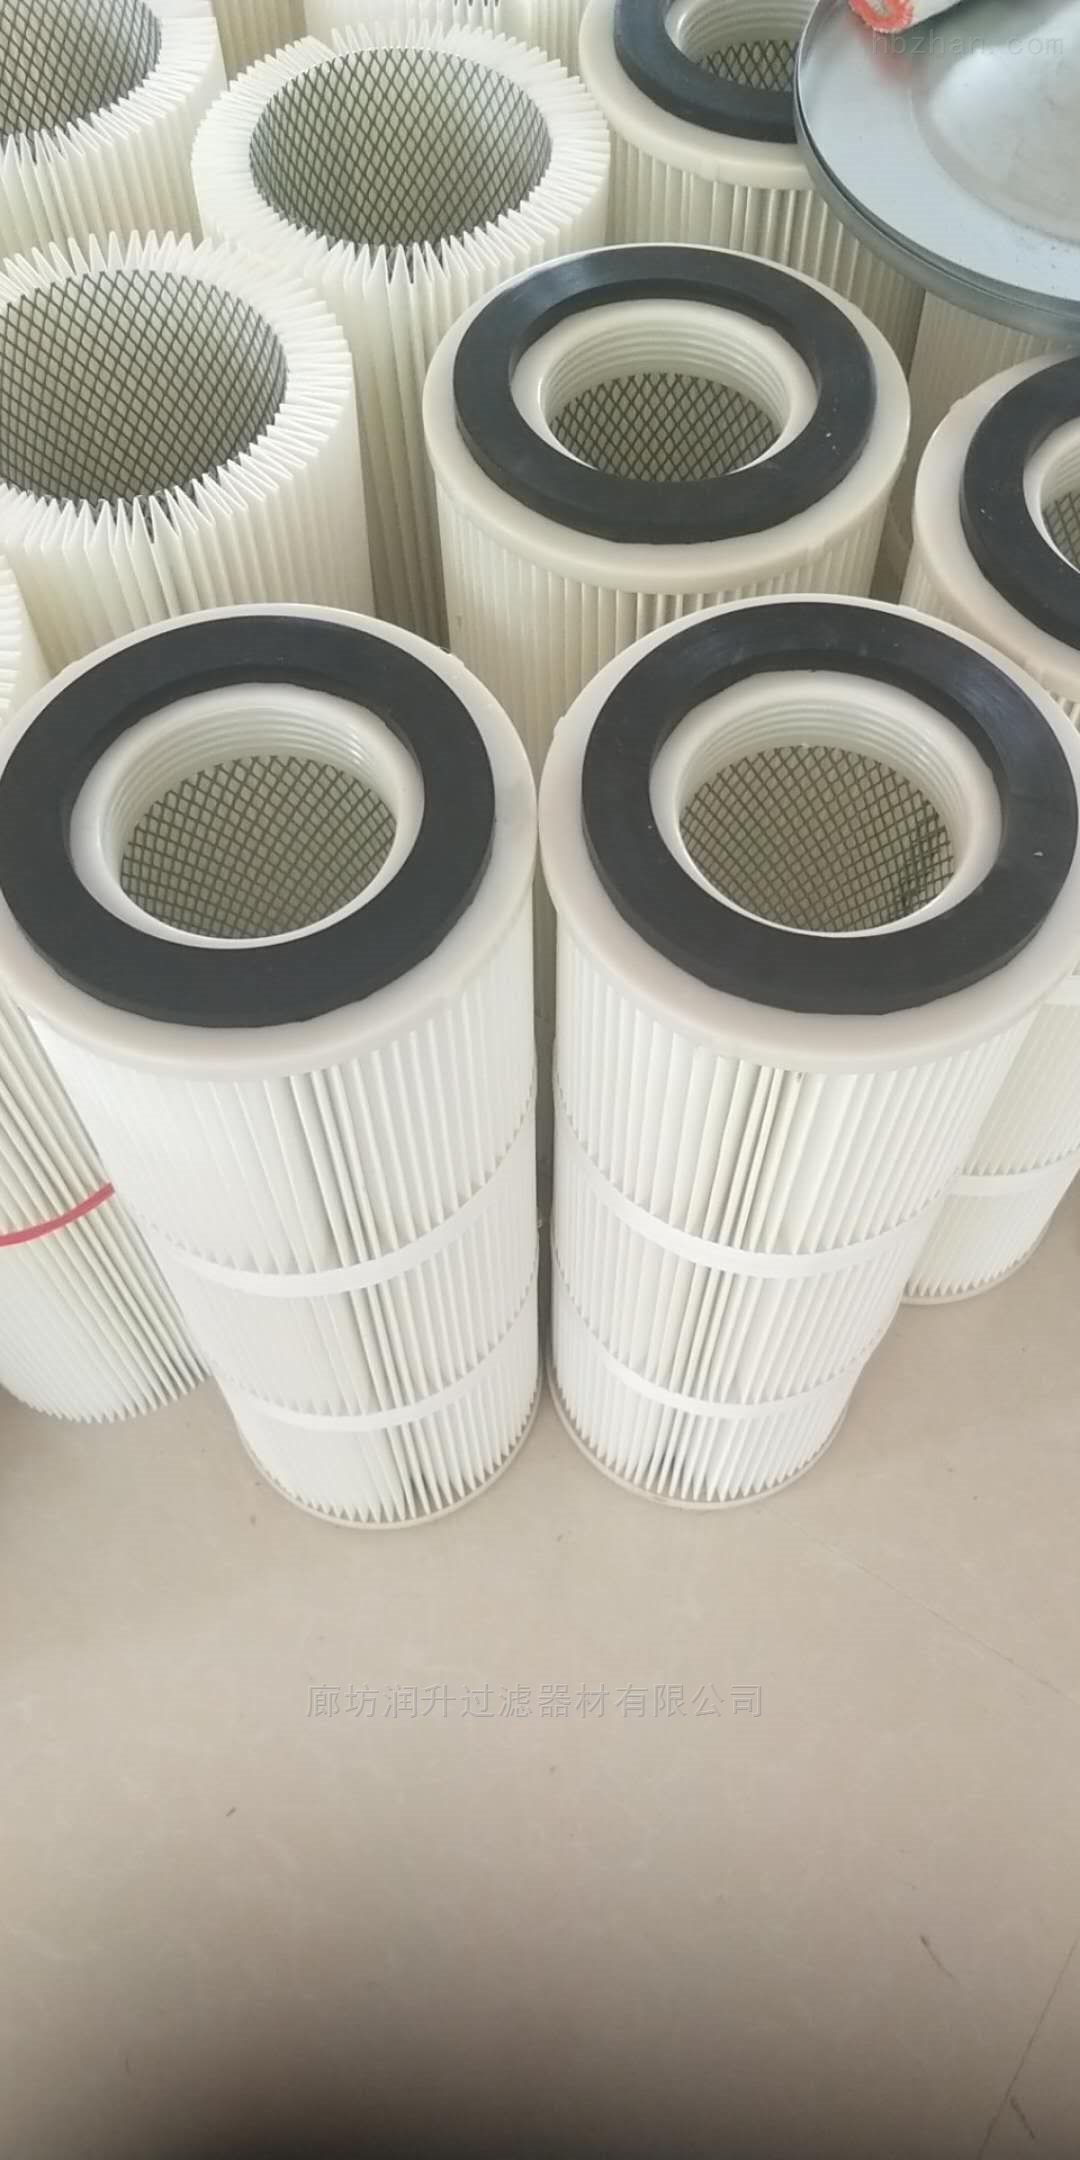 唐山化工厂污水处理滤芯厂家价格